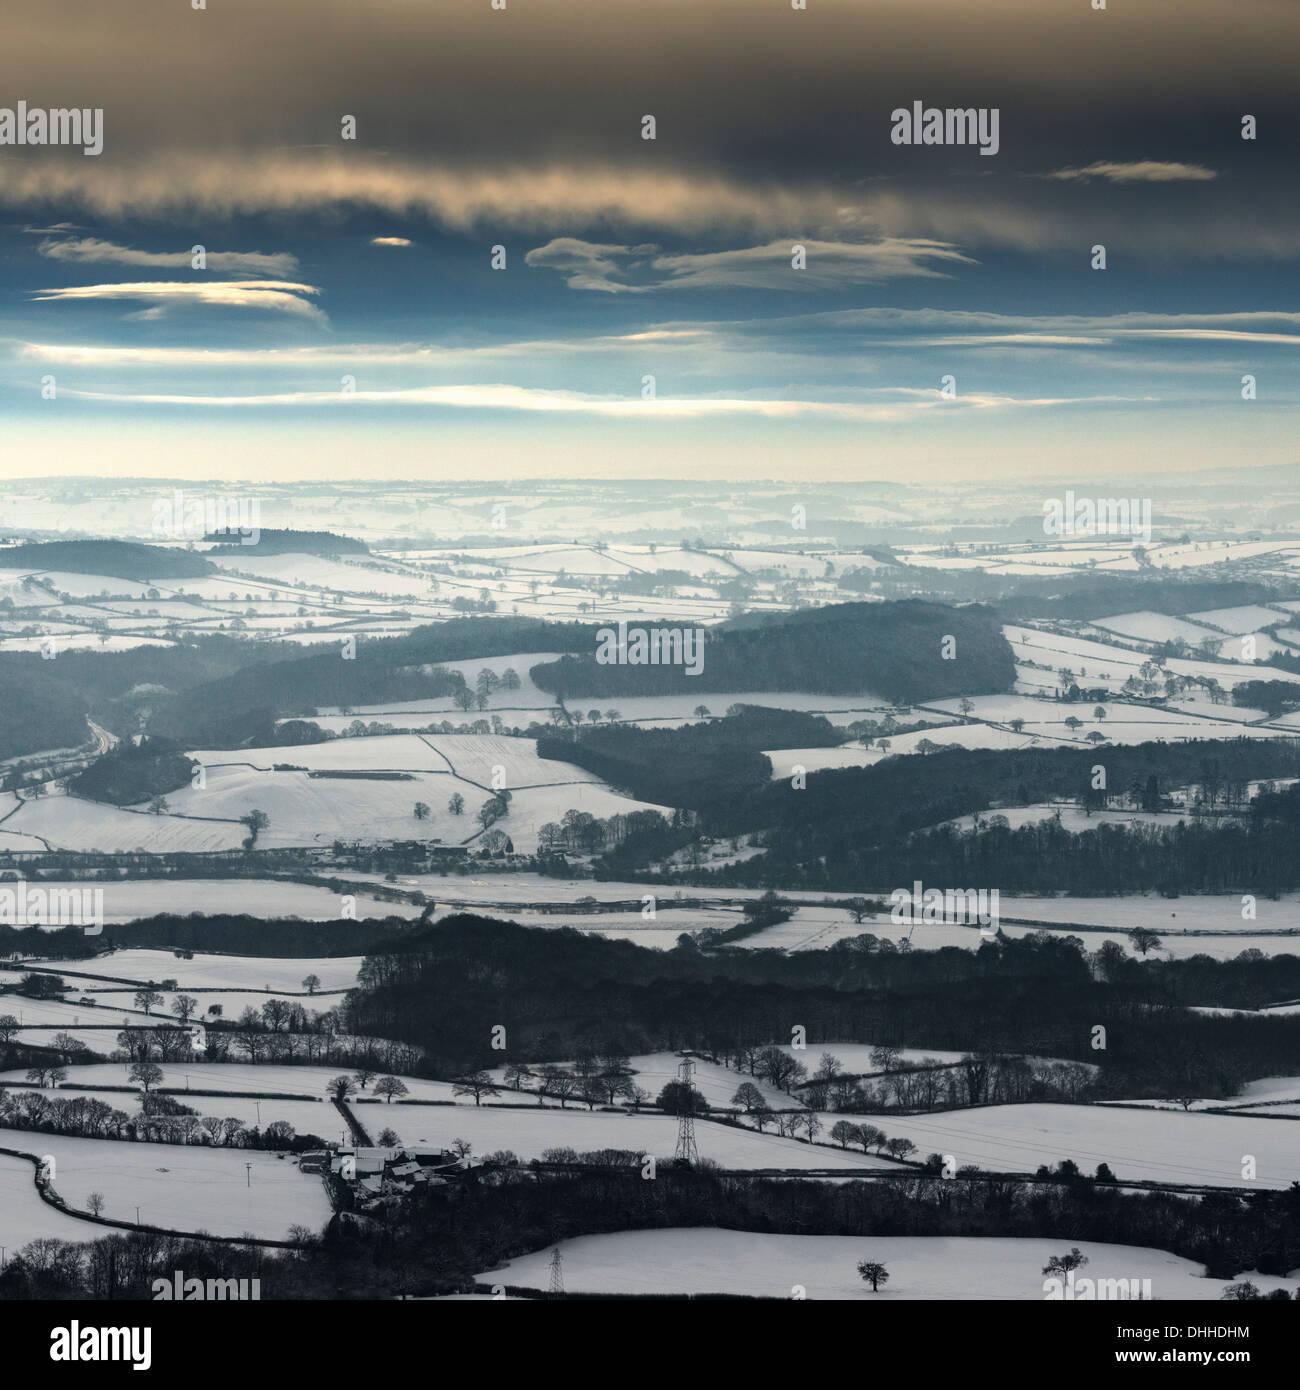 Snow covered landscape, The Wrekin, Shropshire, UK - Stock Image